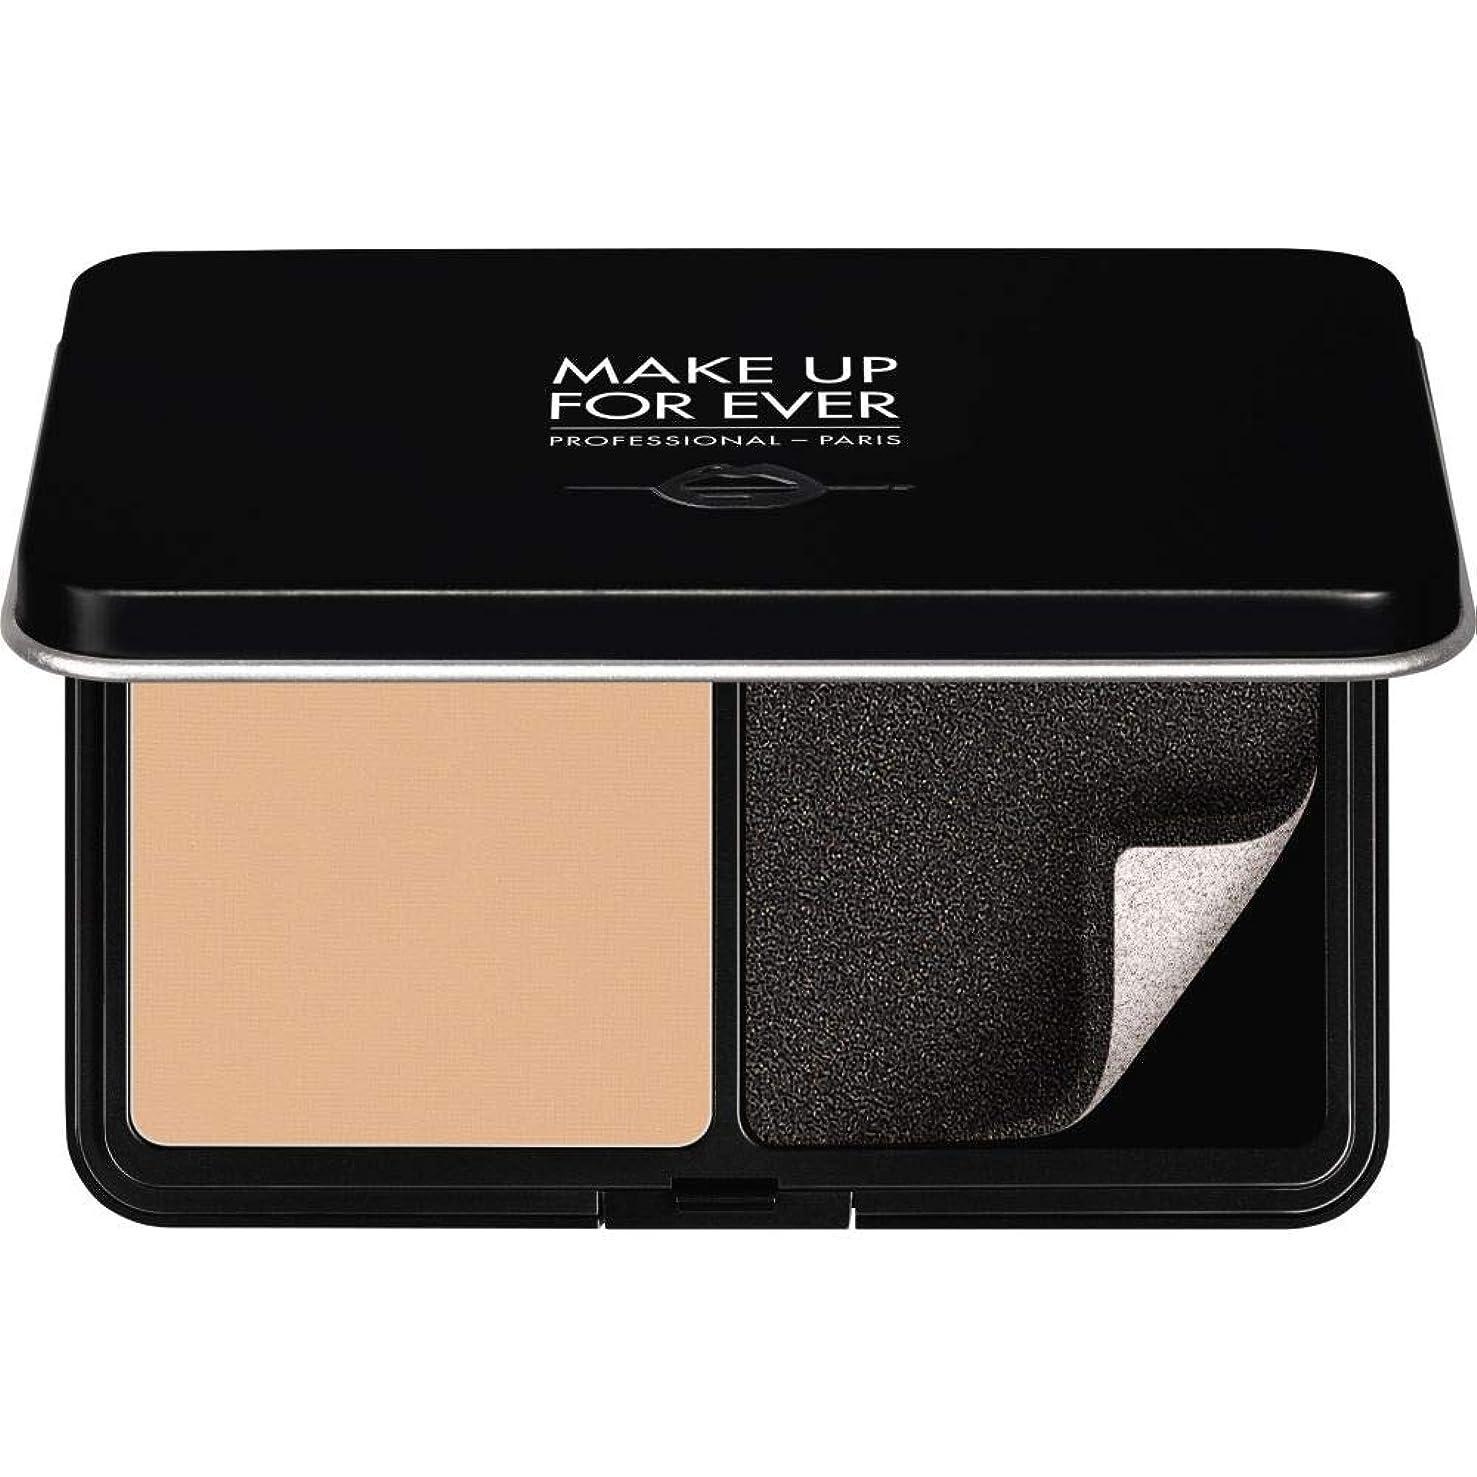 吐き出すレインコートエスカレート[MAKE UP FOR EVER ] これまでマットベルベットの肌は、パウダーファンデーション11GののR250をぼかすために作る - ヌードベージュ - MAKE UP FOR EVER Matte Velvet Skin Blurring Powder Foundation 11g R250 - Beige Nude [並行輸入品]